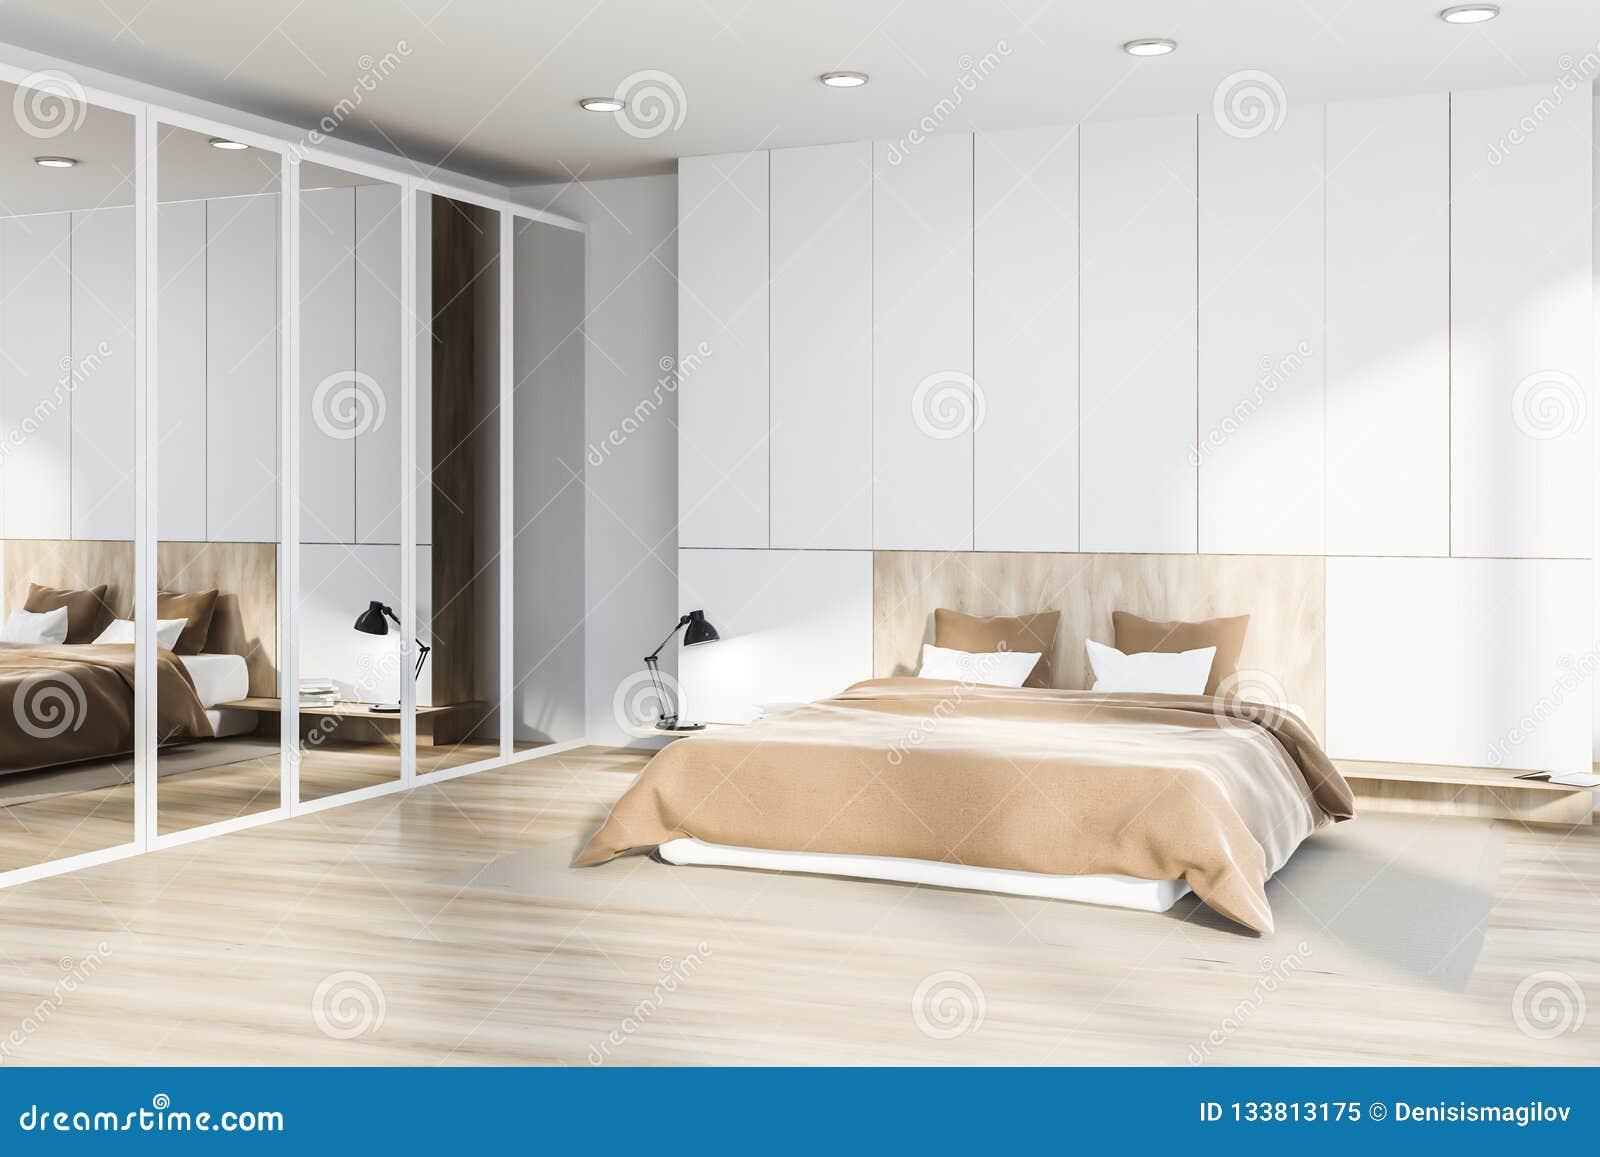 Master Bedroom Interior, Mirror Closet Stock Illustration ...